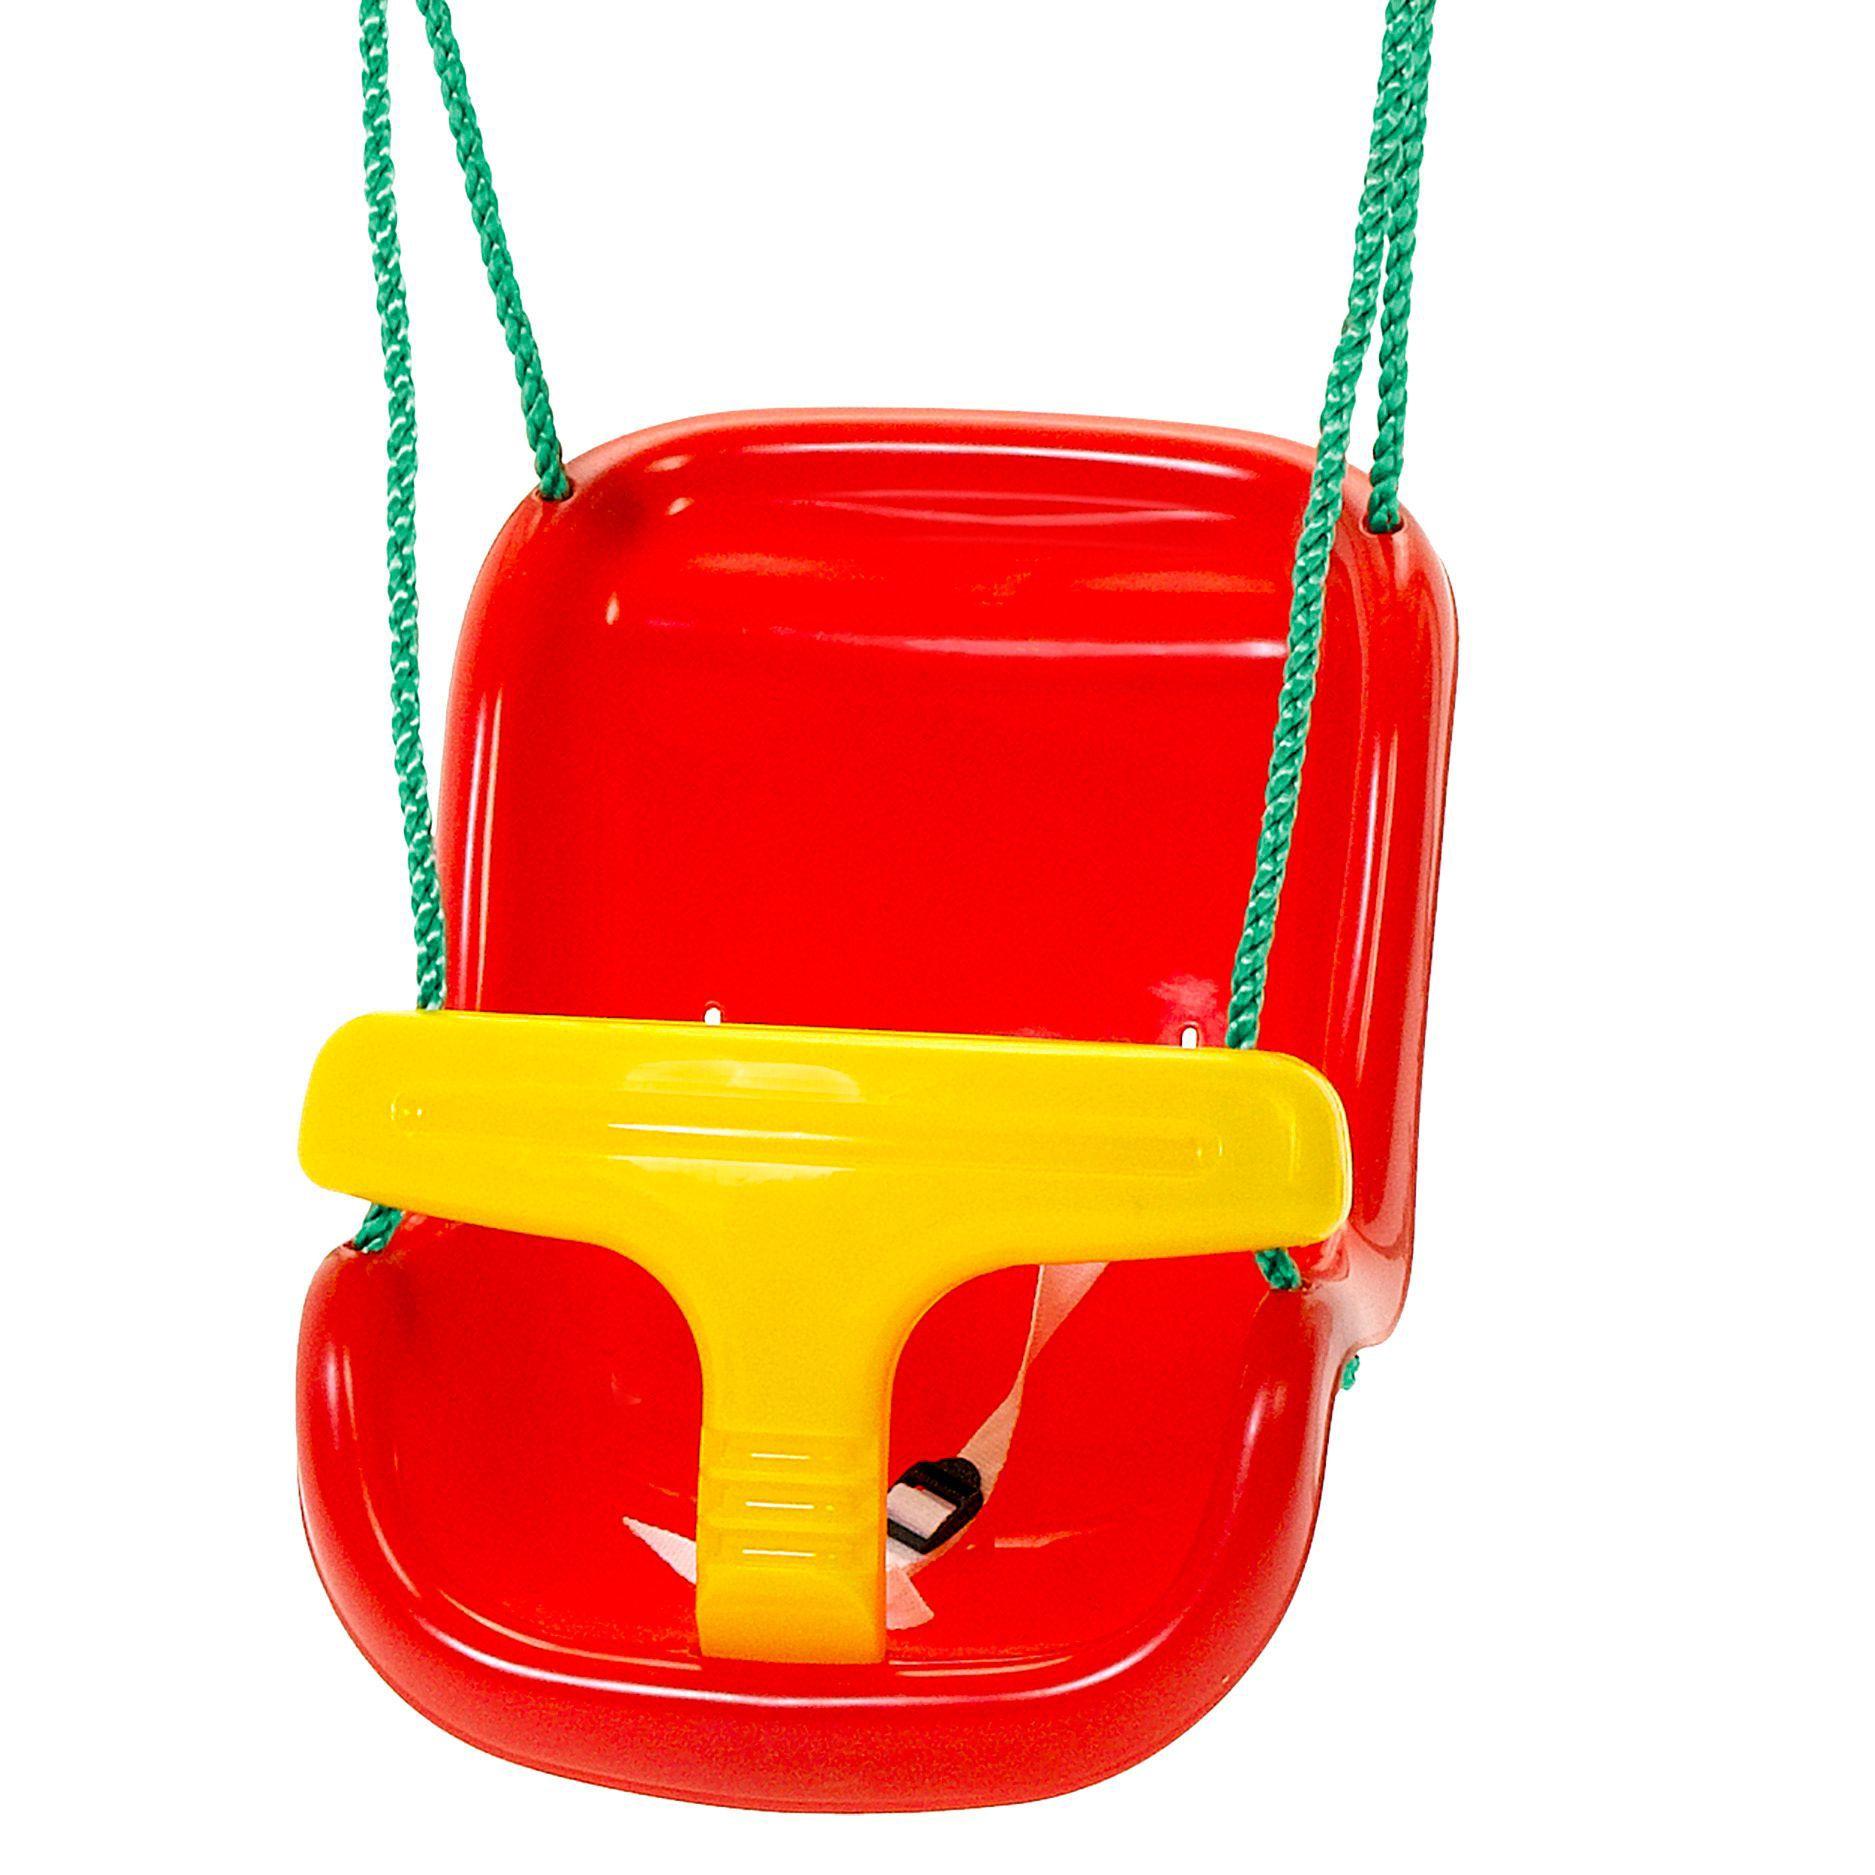 Plum Plastic Baby Seat | Departments | DIY at B&Q